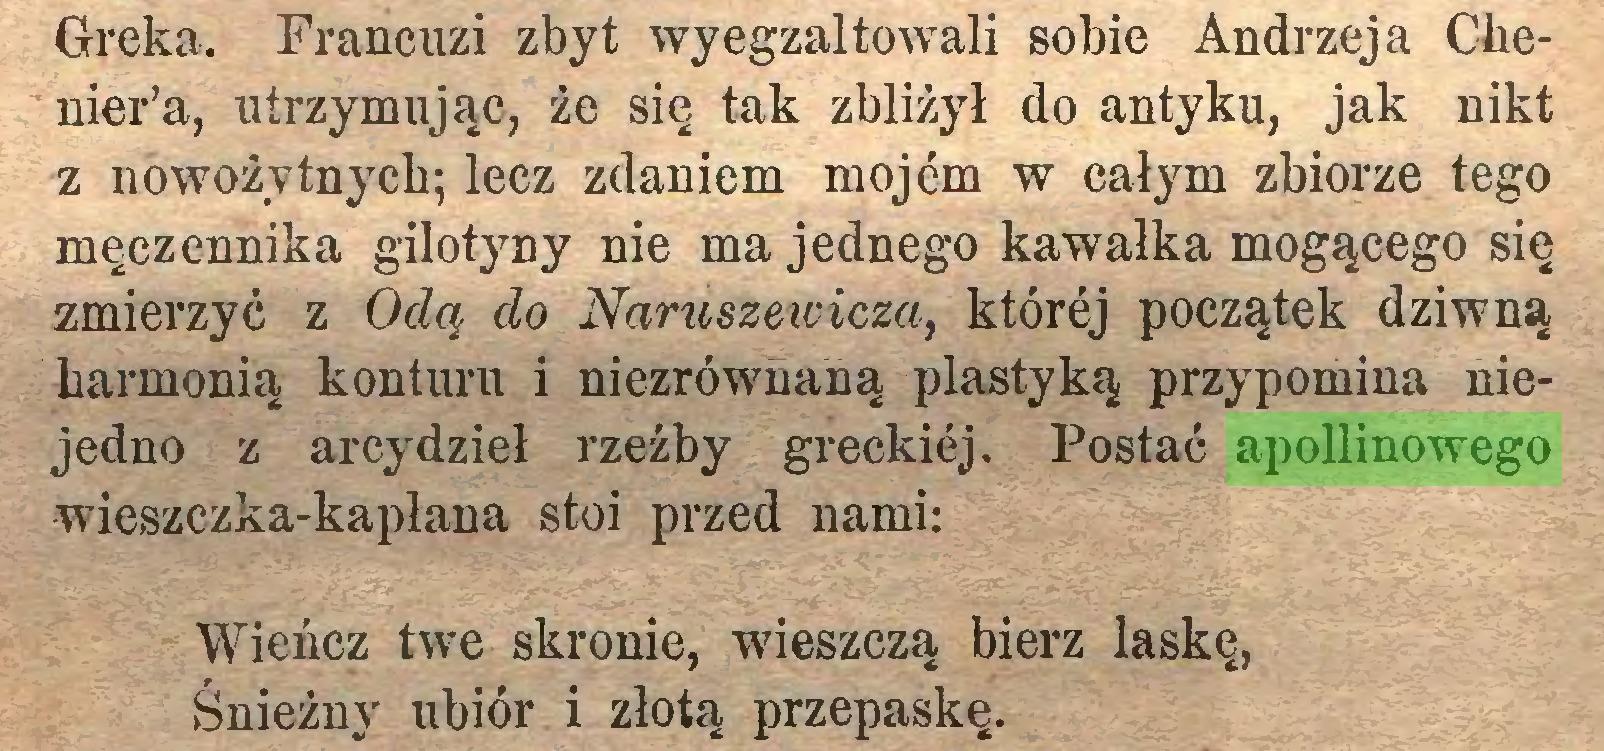 (...) Greka. Francuzi zbyt wyegzaltowali sobie Andrzeja Chenier'a, utrzymując, że się tak zbliżył do antyku, jak nikt z nowożytnych; lecz zdaniem mojem w całym zbiorze tego męczennika gilotyny nie ma jednego kawałka mogącego się zmierzyć z Odą do Naruszewicza, której początek dziwną harmonią konturu i niezrównaną plastyką przypomina niejedno z arcydzieł rzeźby greckiej. Postać apollinowego wieszczka-kapłana stoi przed nami: Wieńcz twe skronie, wieszczą bierz laskę, Śnieżny ubiór i złotą przepaskę...